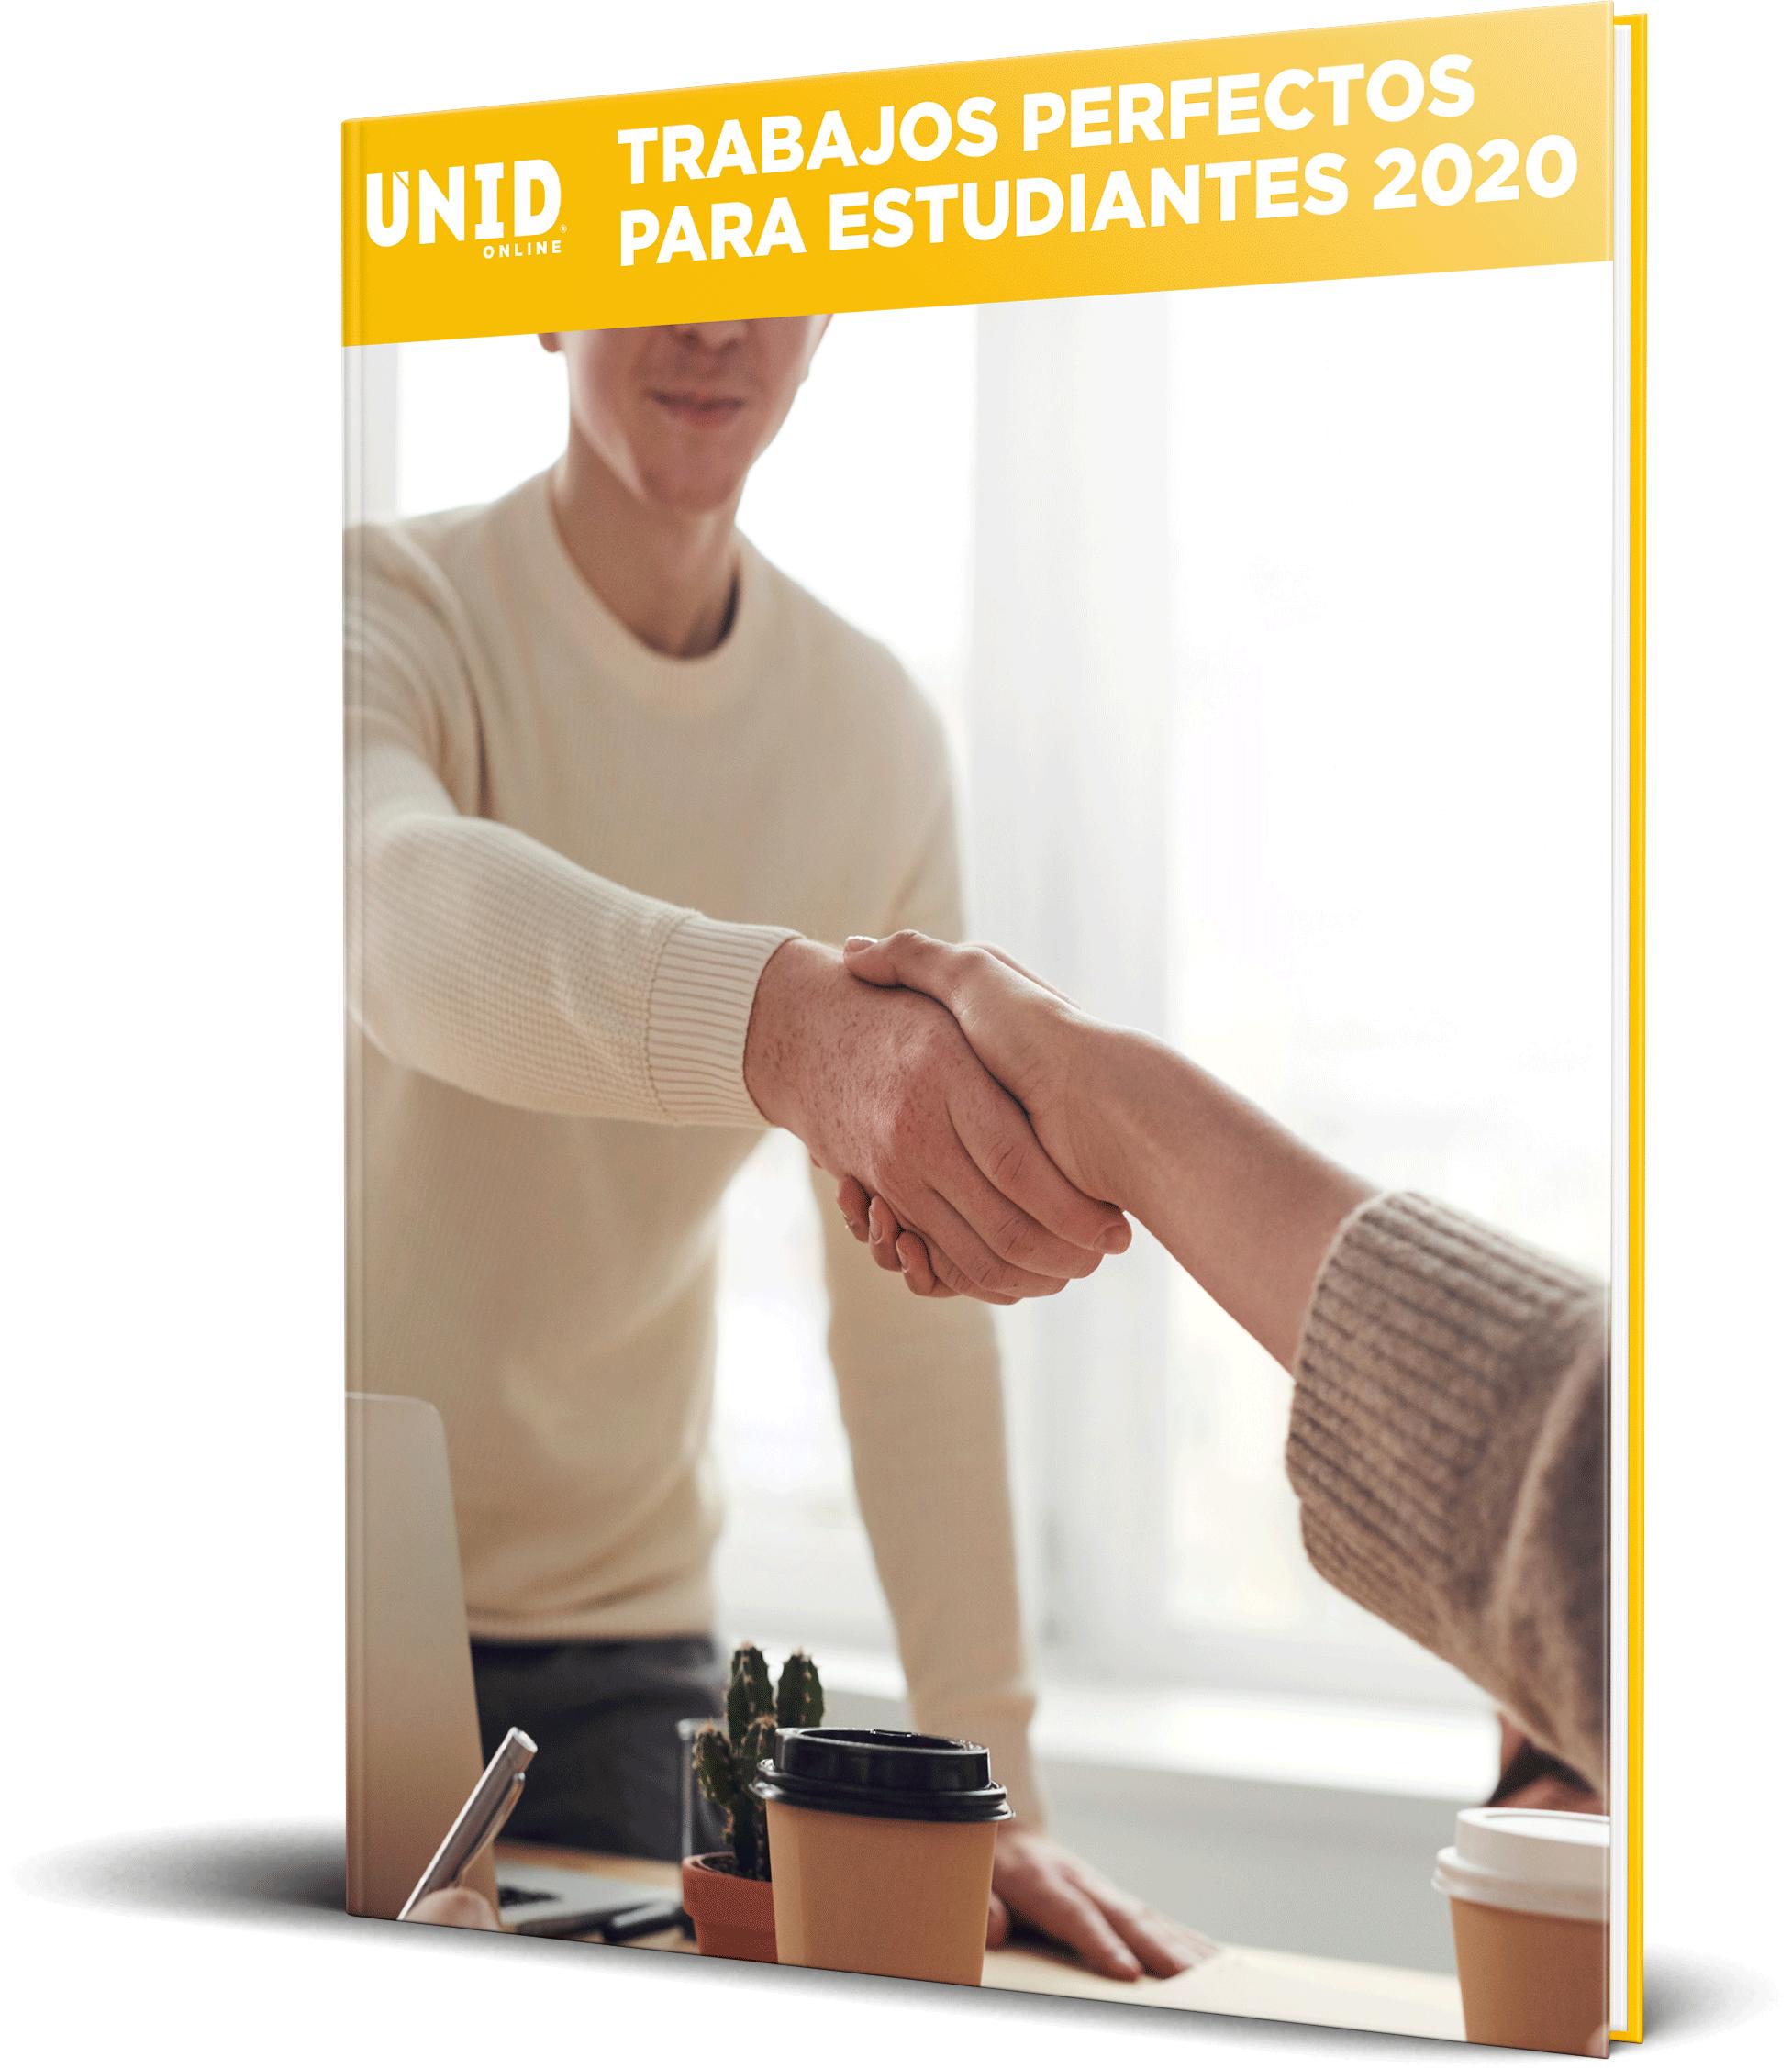 Trabajos Perfectos para Estudiantes 2020